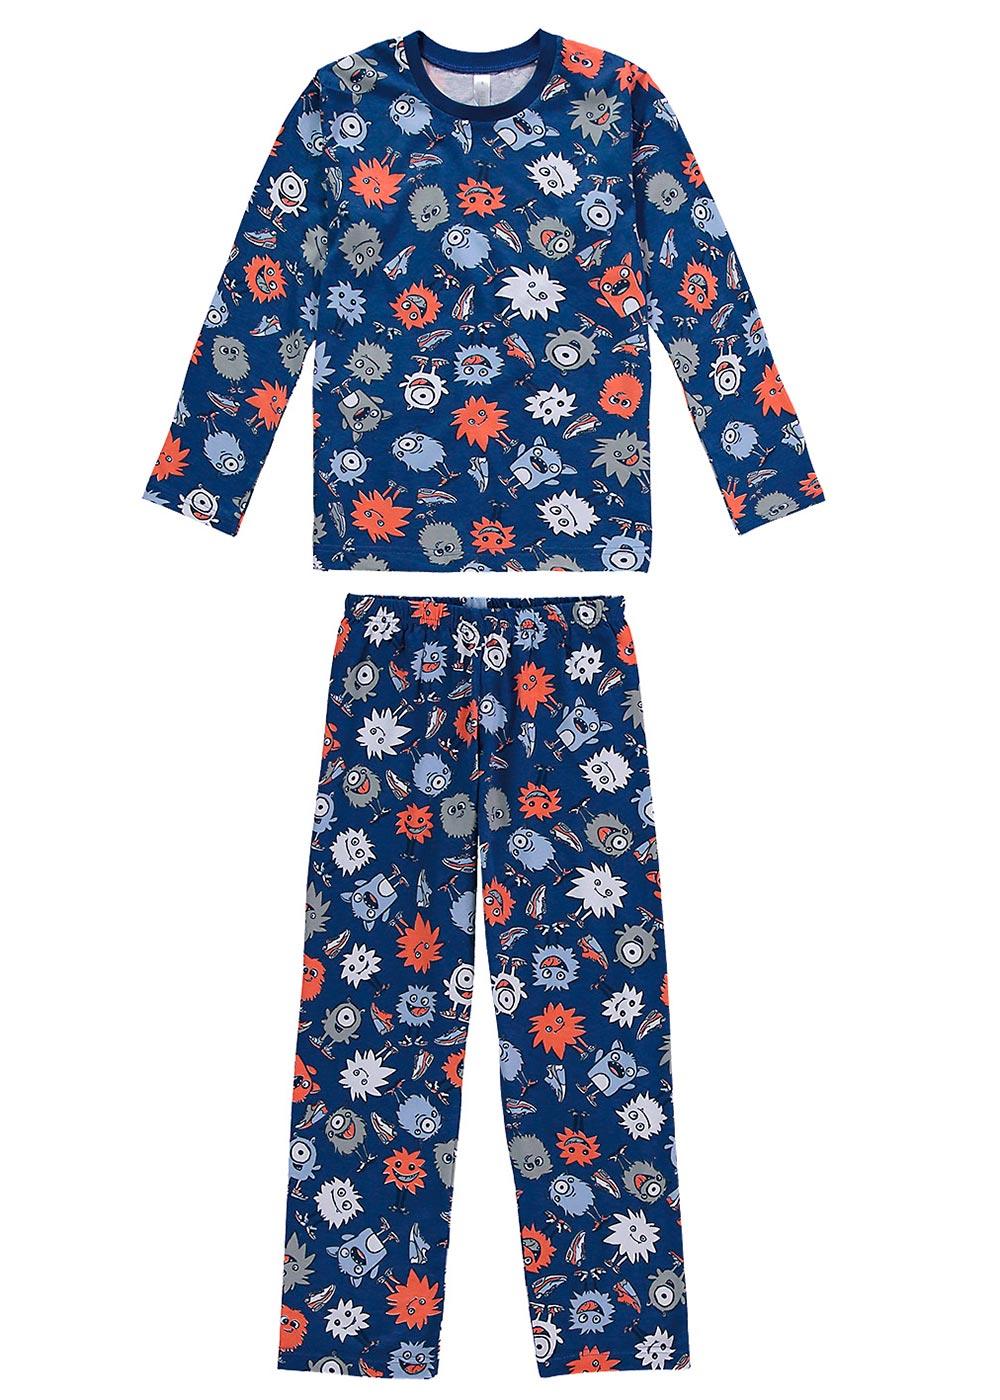 Pijama Infantil de Inverno Masculino Monstrinhos Azul - Malwee